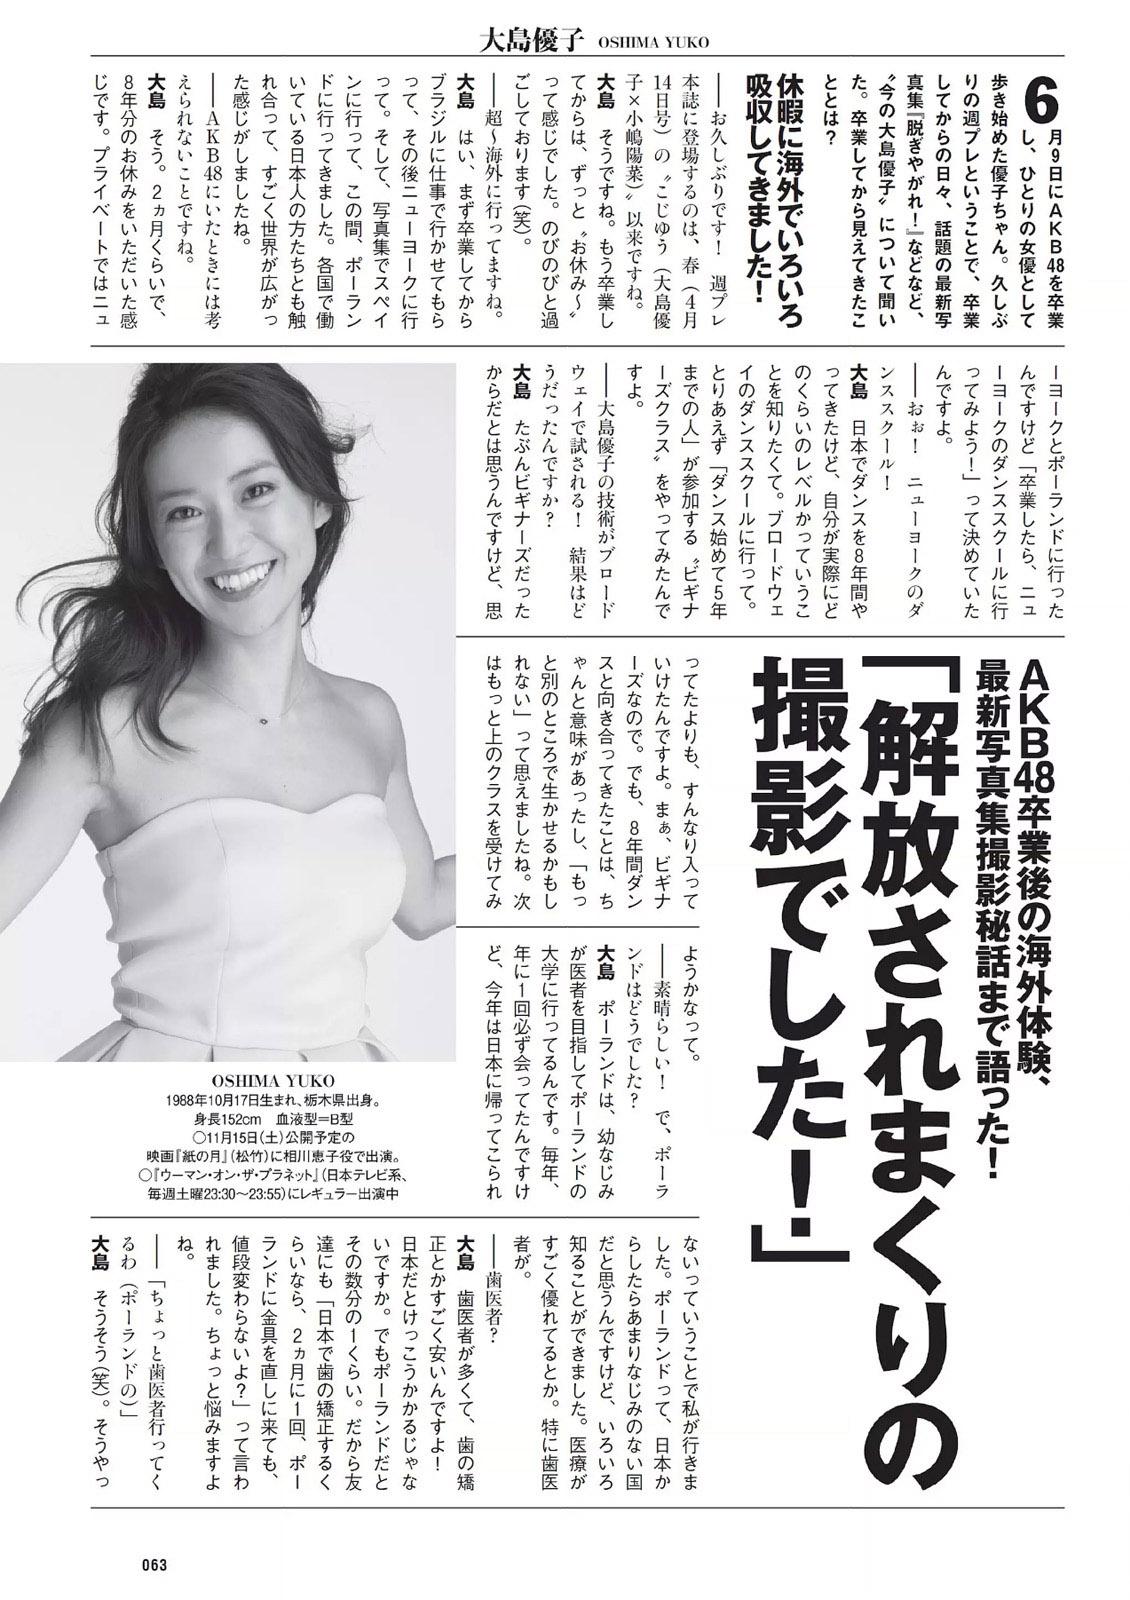 YOshima WPB 140922 09.jpg